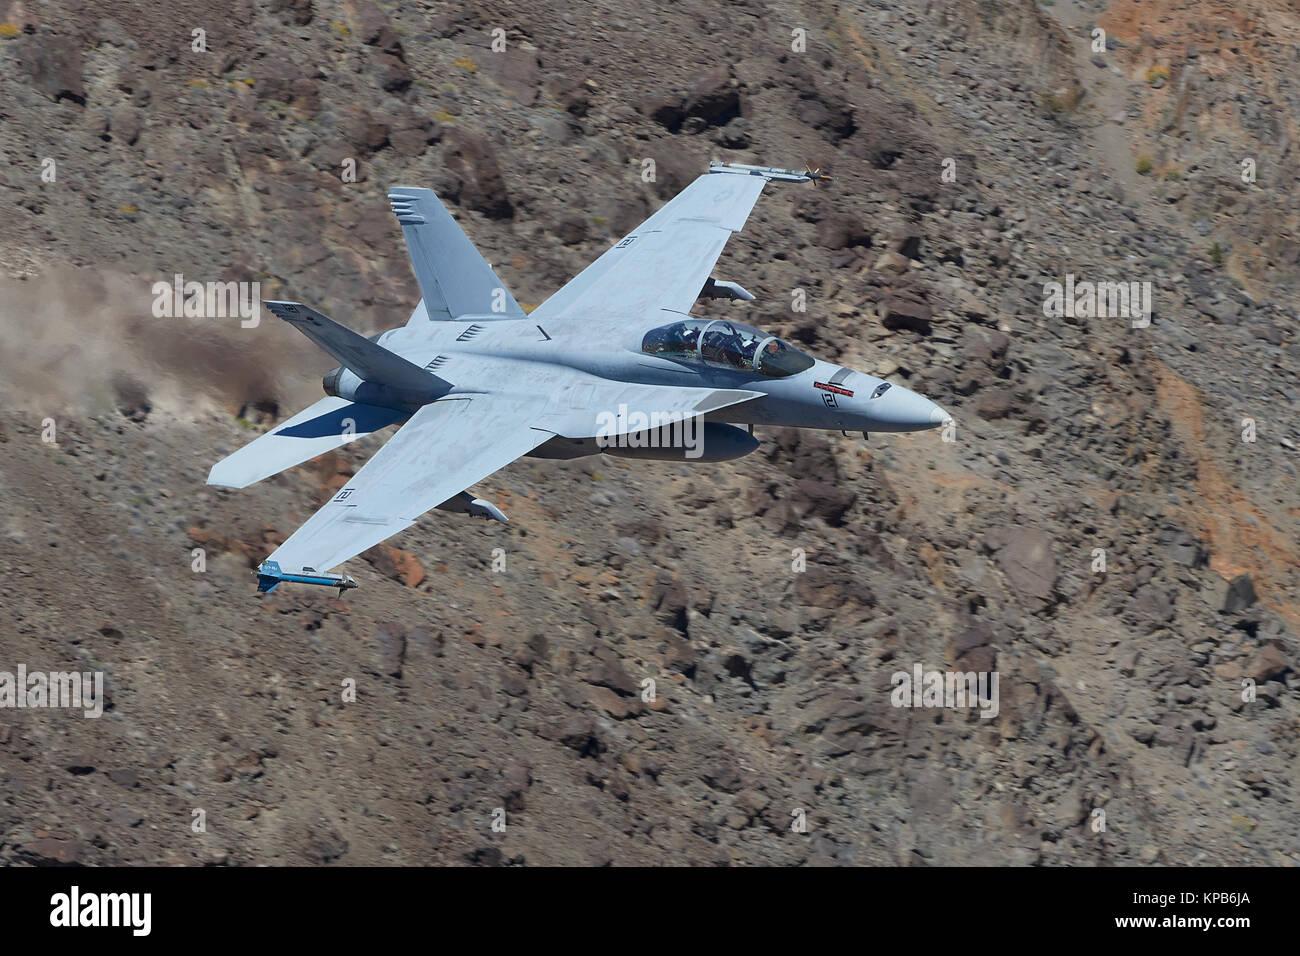 Image result for f18 super hornet flying over desert